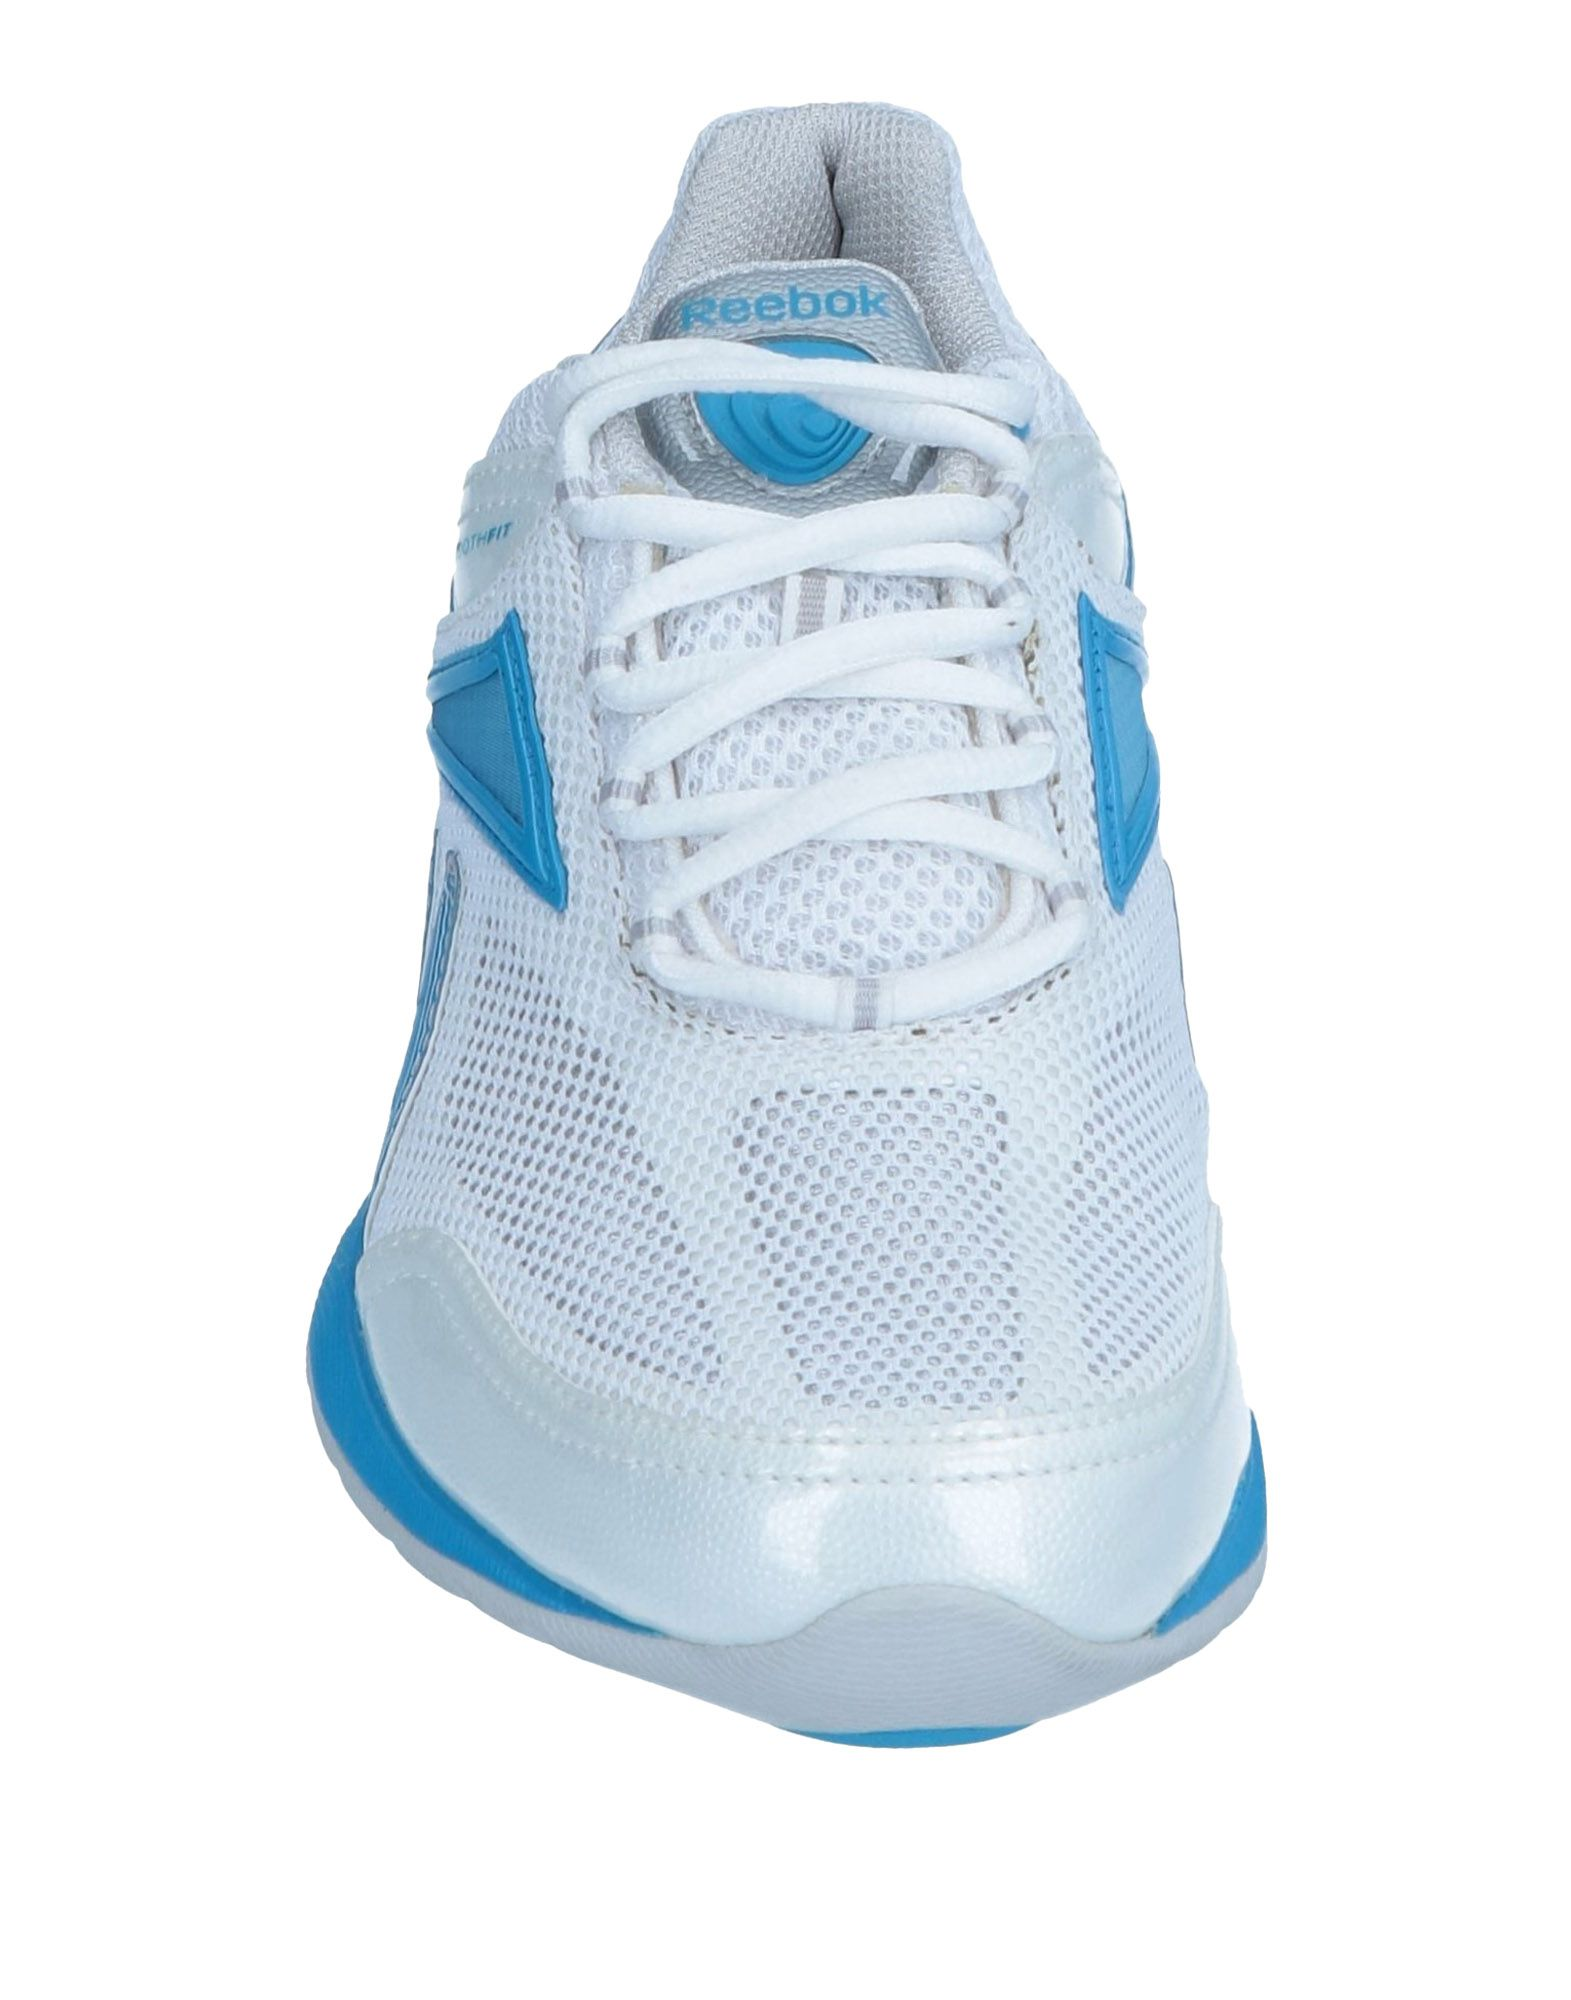 Reebok Sneakers Qualität Damen  11546157JD Gute Qualität Sneakers beliebte Schuhe 173a8a